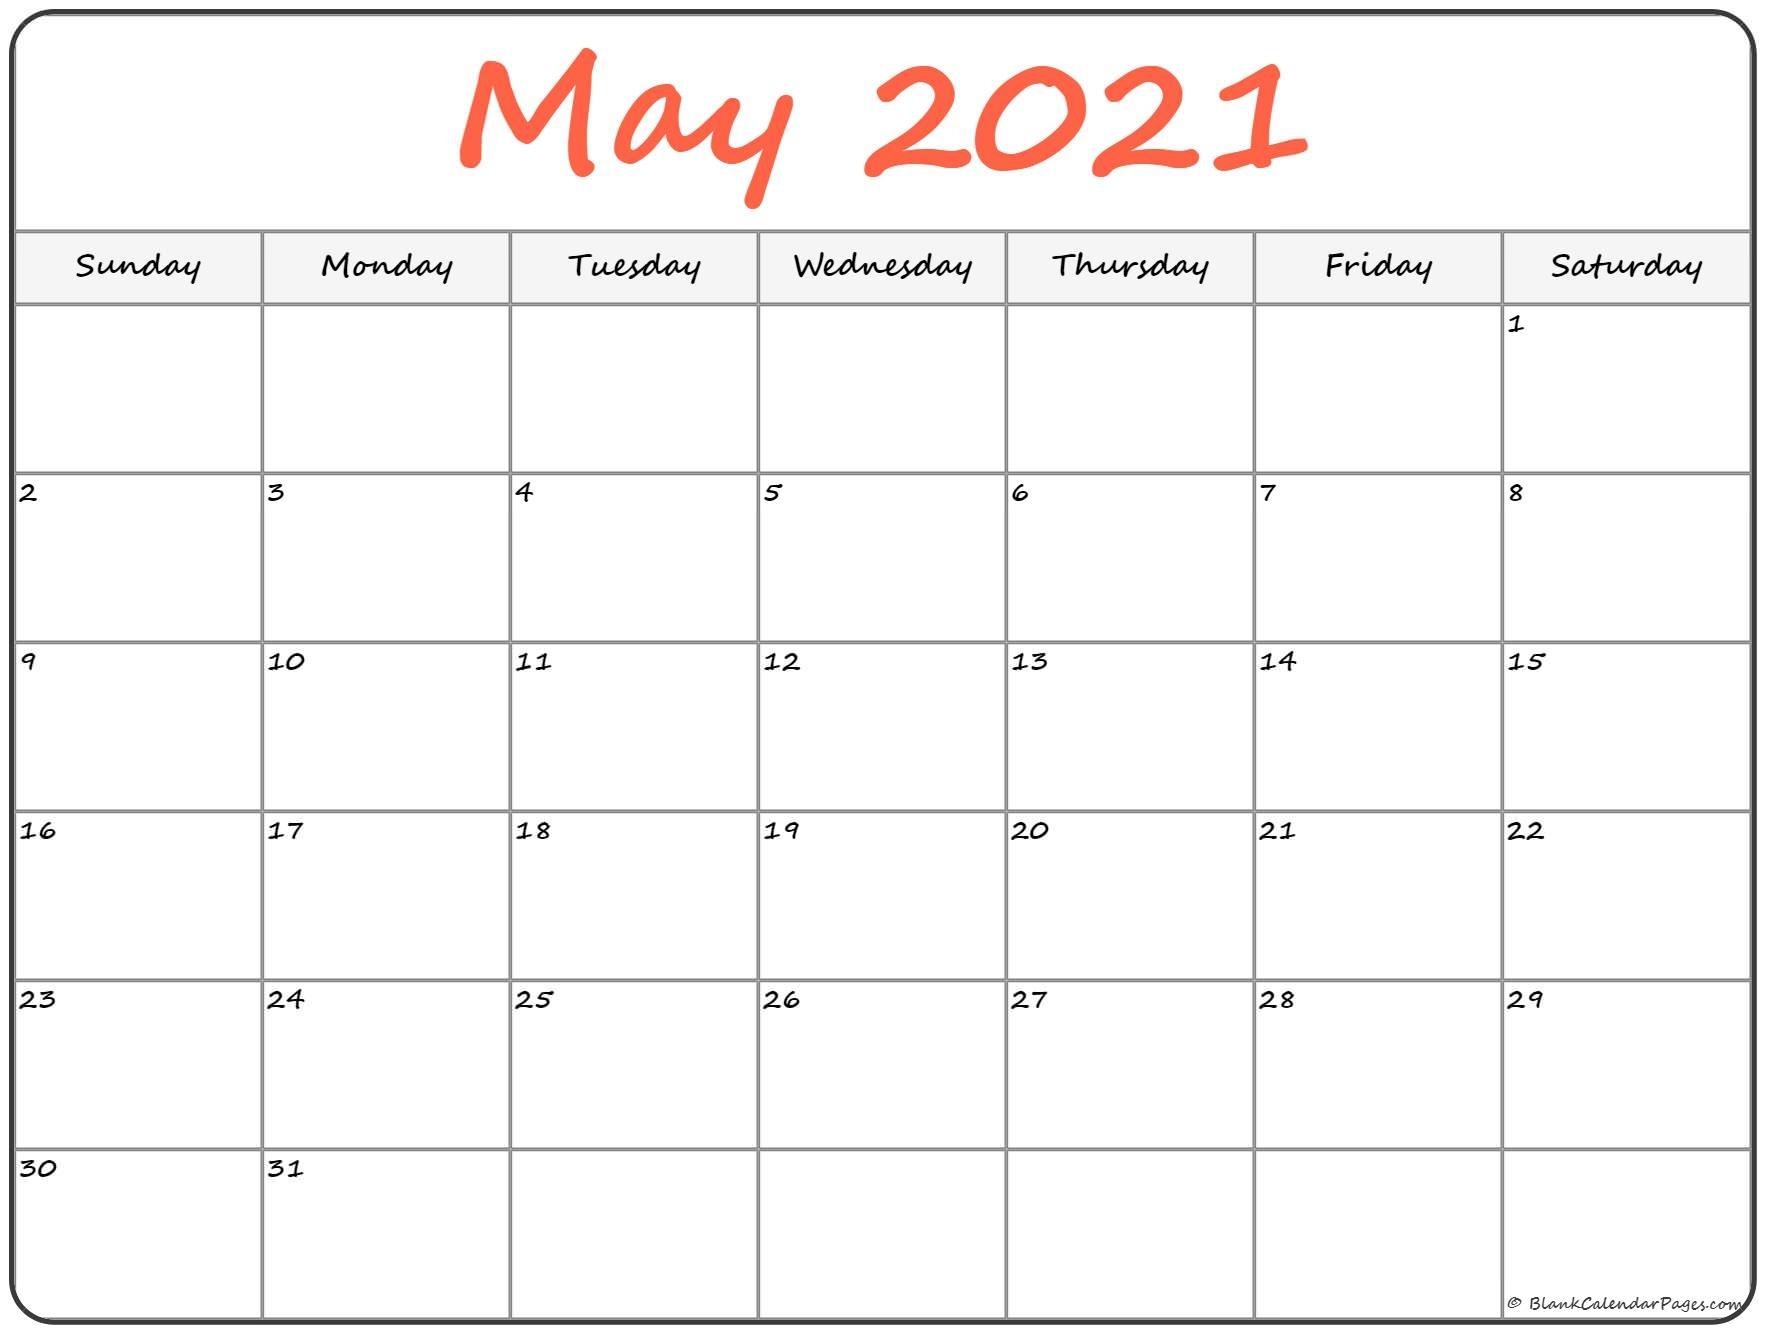 Take Downloadable Calendar Print Out 2021